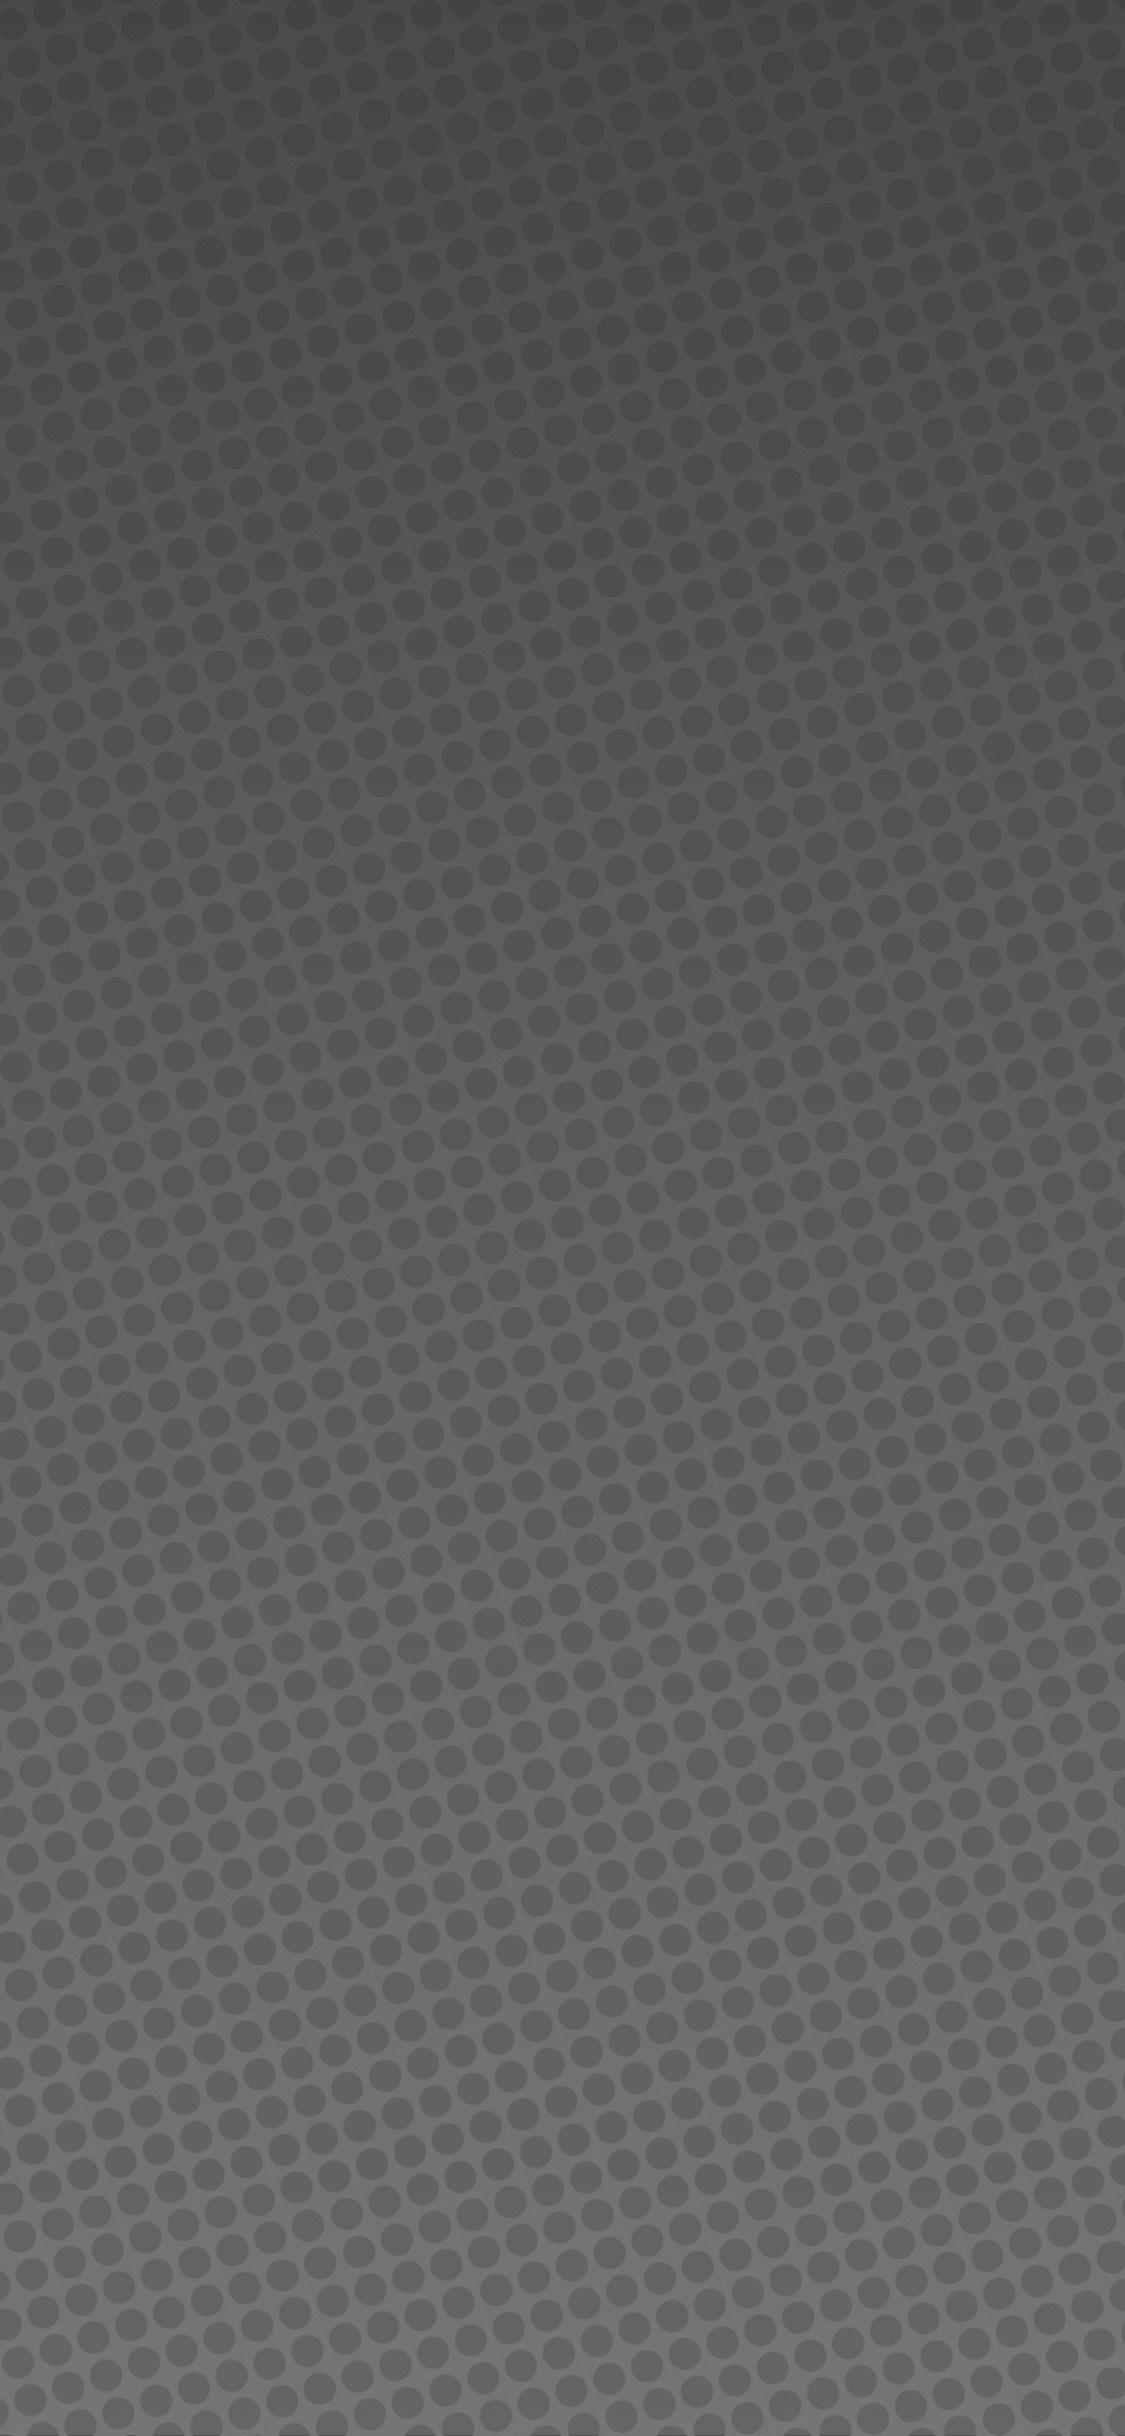 dots-gradient-background-w7.jpg